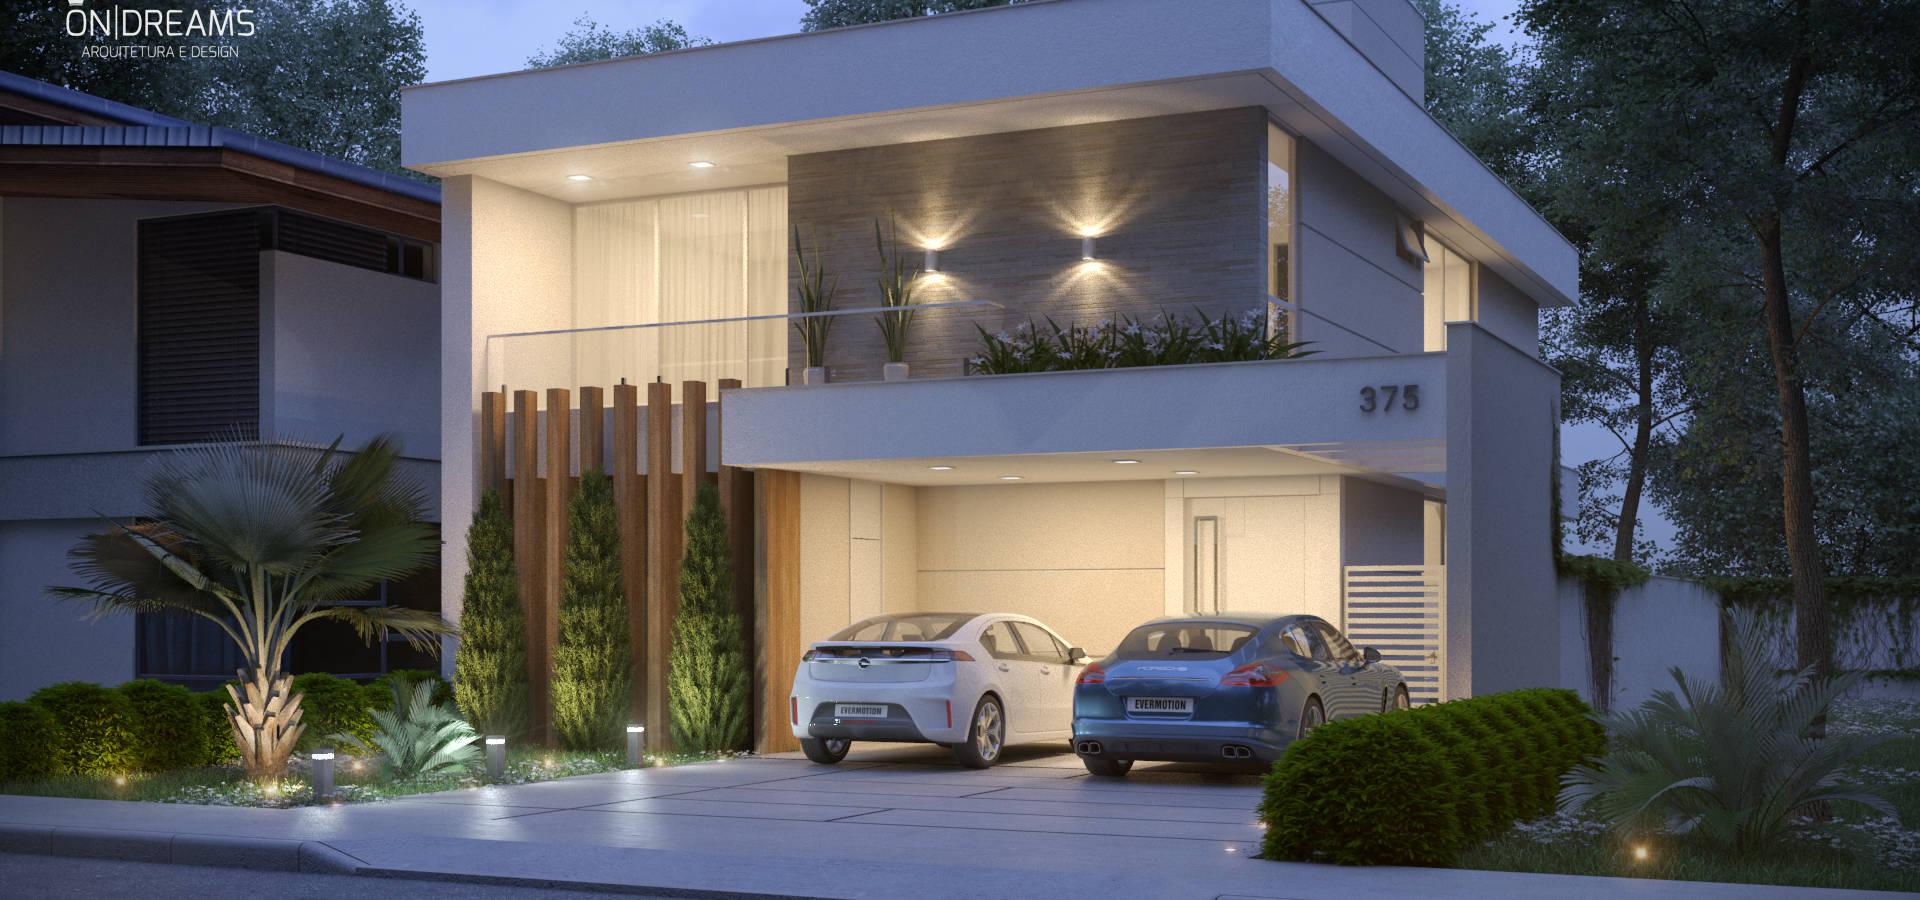 Danilo Medeiros Arquitetura + Design